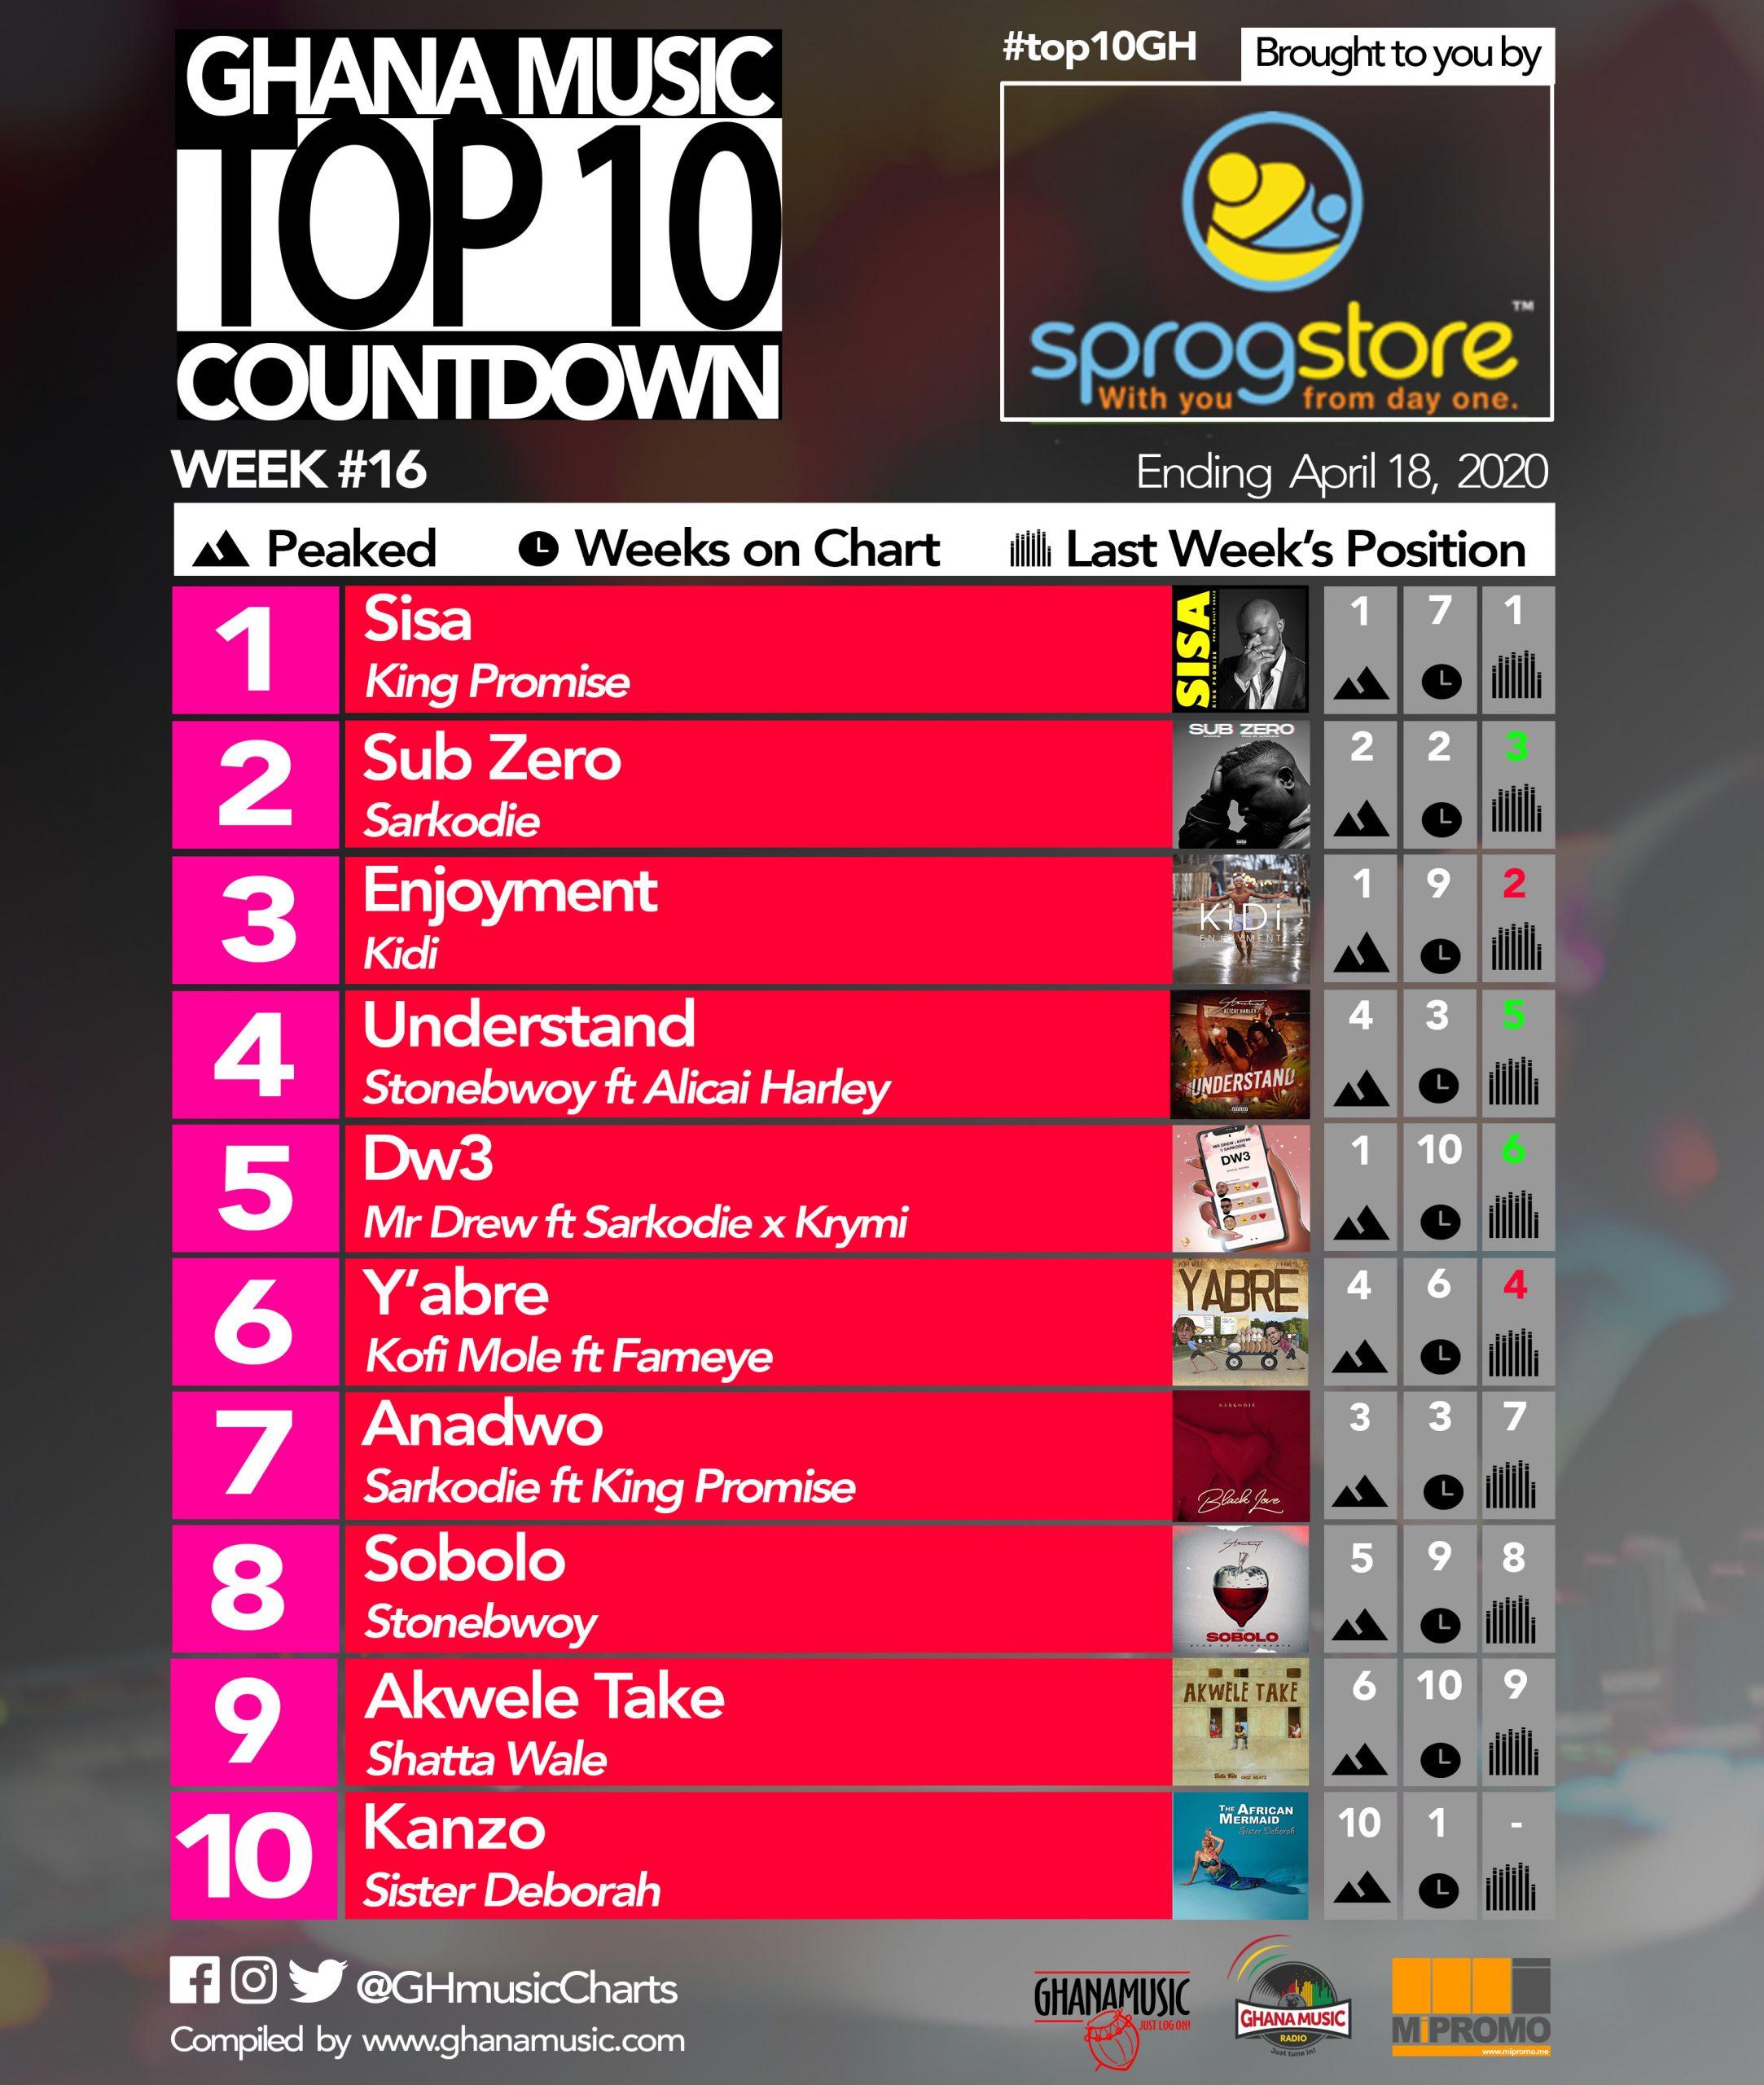 2020 Week 16: Ghana Music Top 10 Countdown